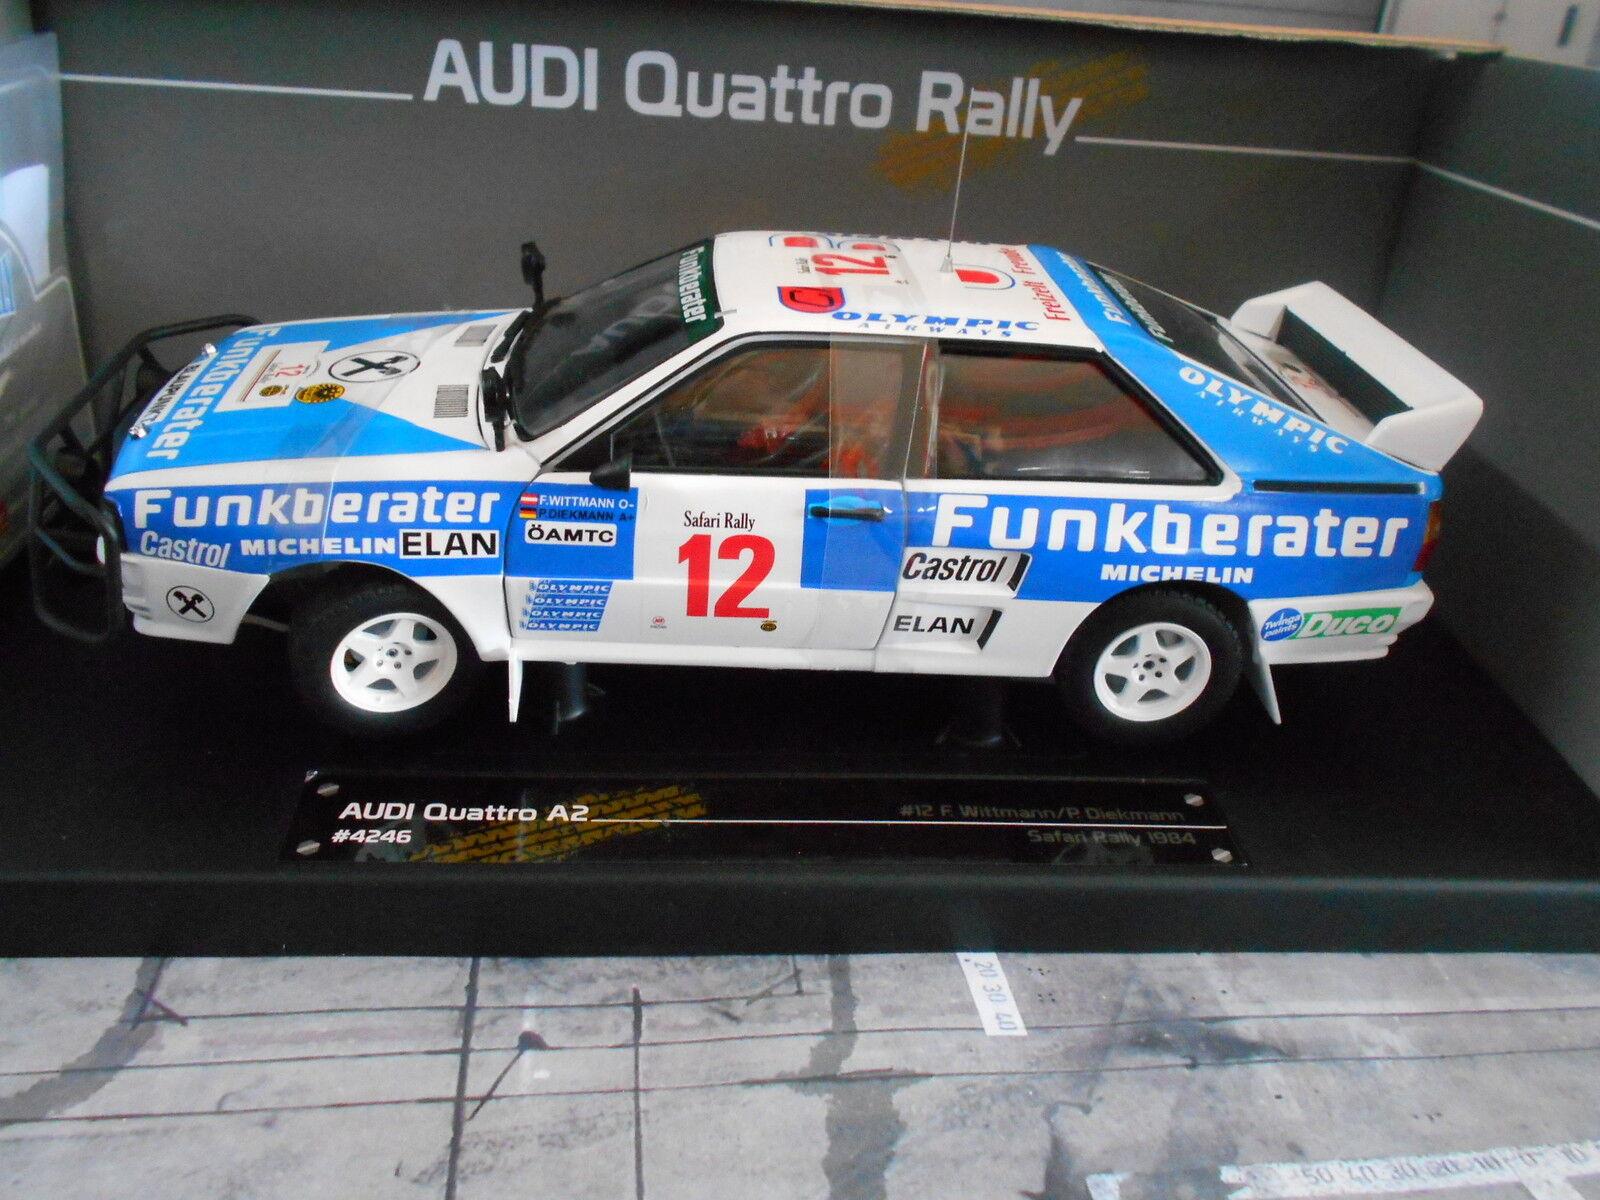 AUDI quattro rallye a2 safari  12 wittmann wav Diekmann funkberater sunstar sp 1 18